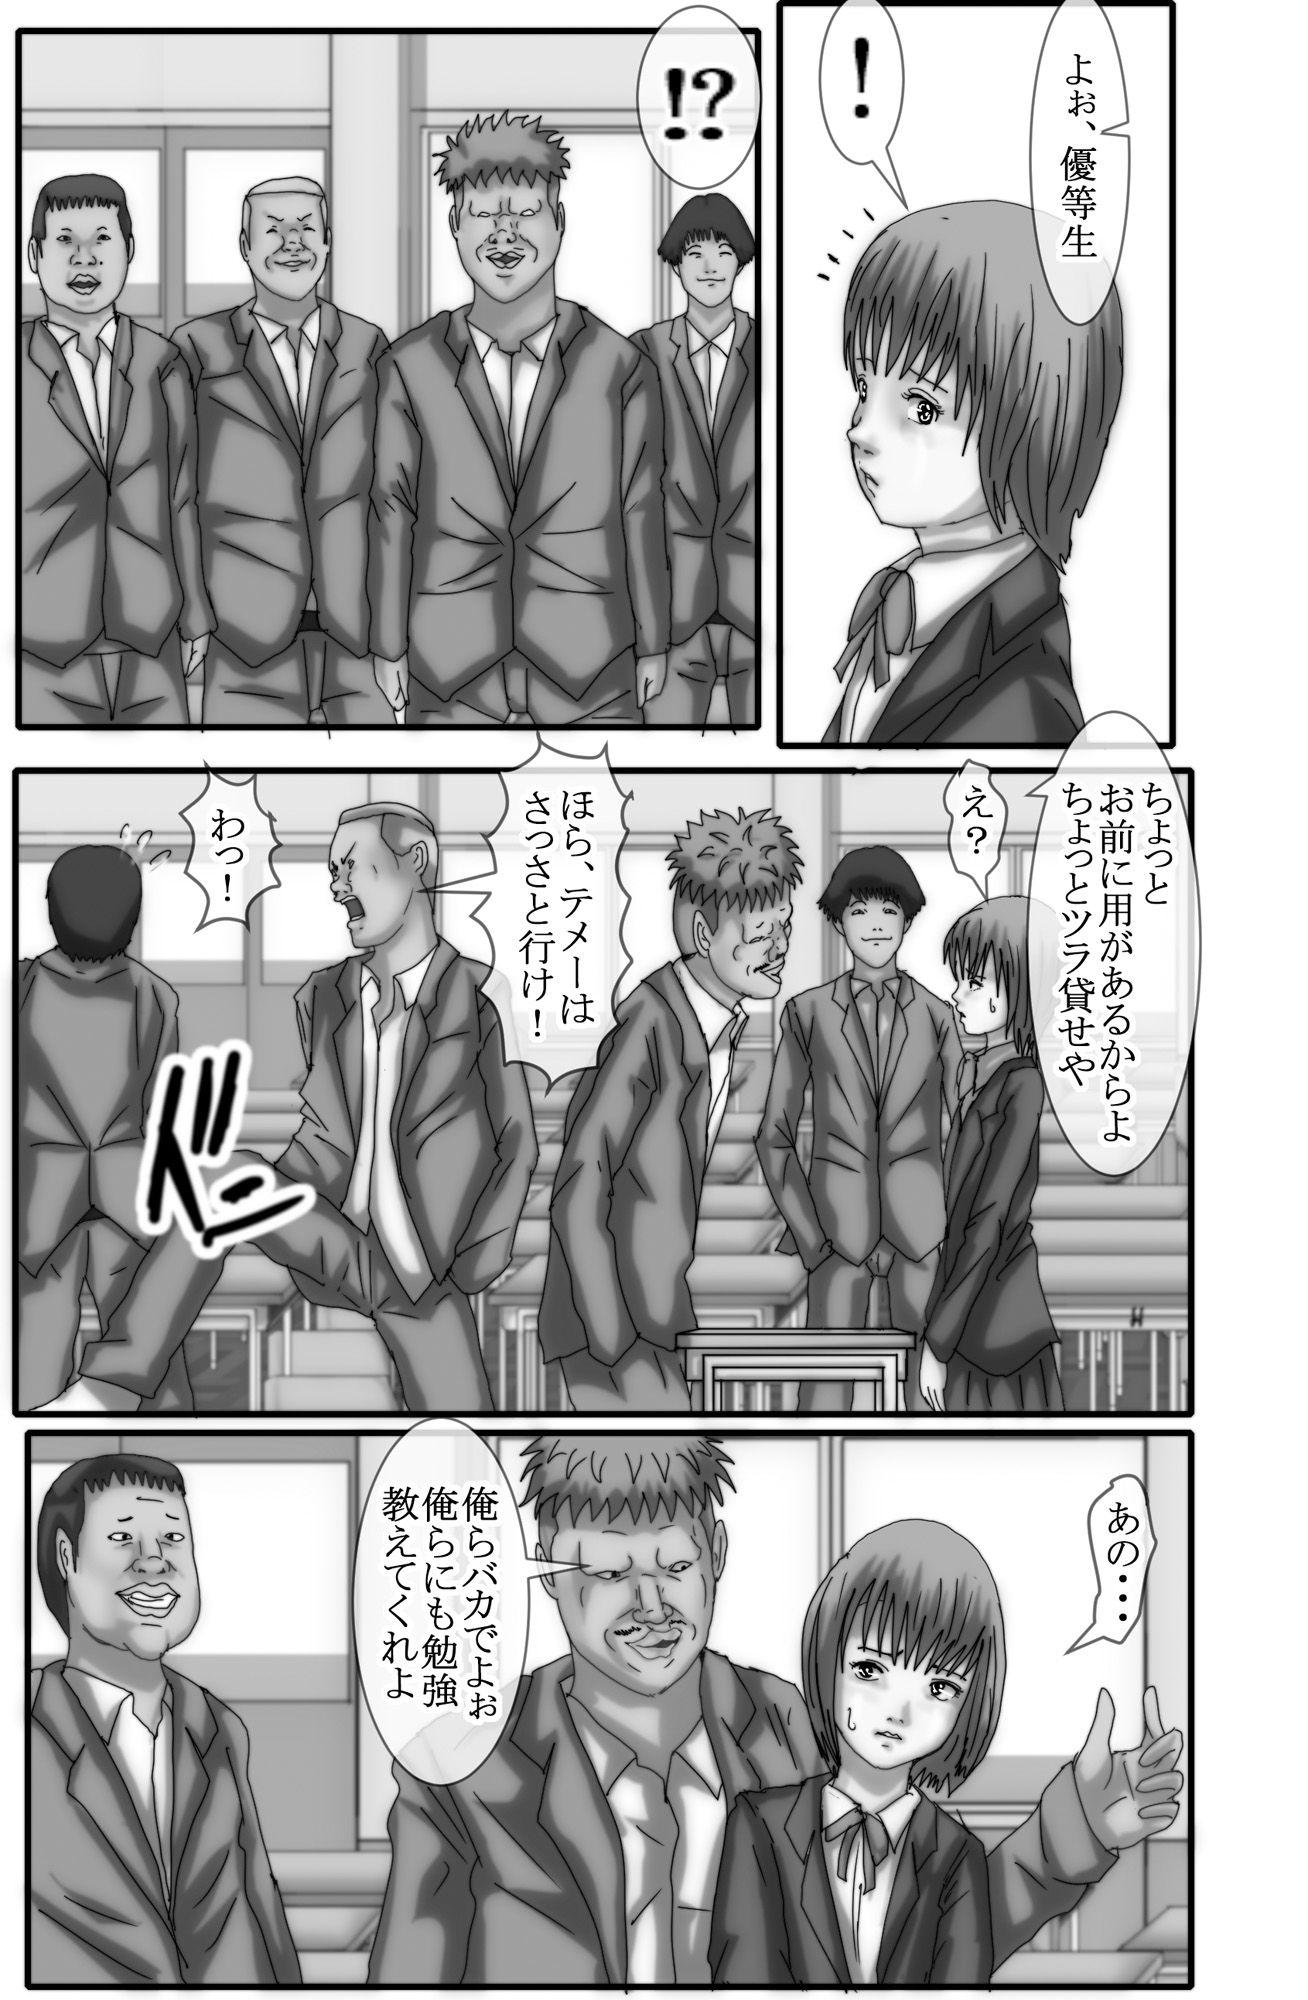 【おっぱい大好き太郎 同人】マジメな女の子がレ●プされるだけ